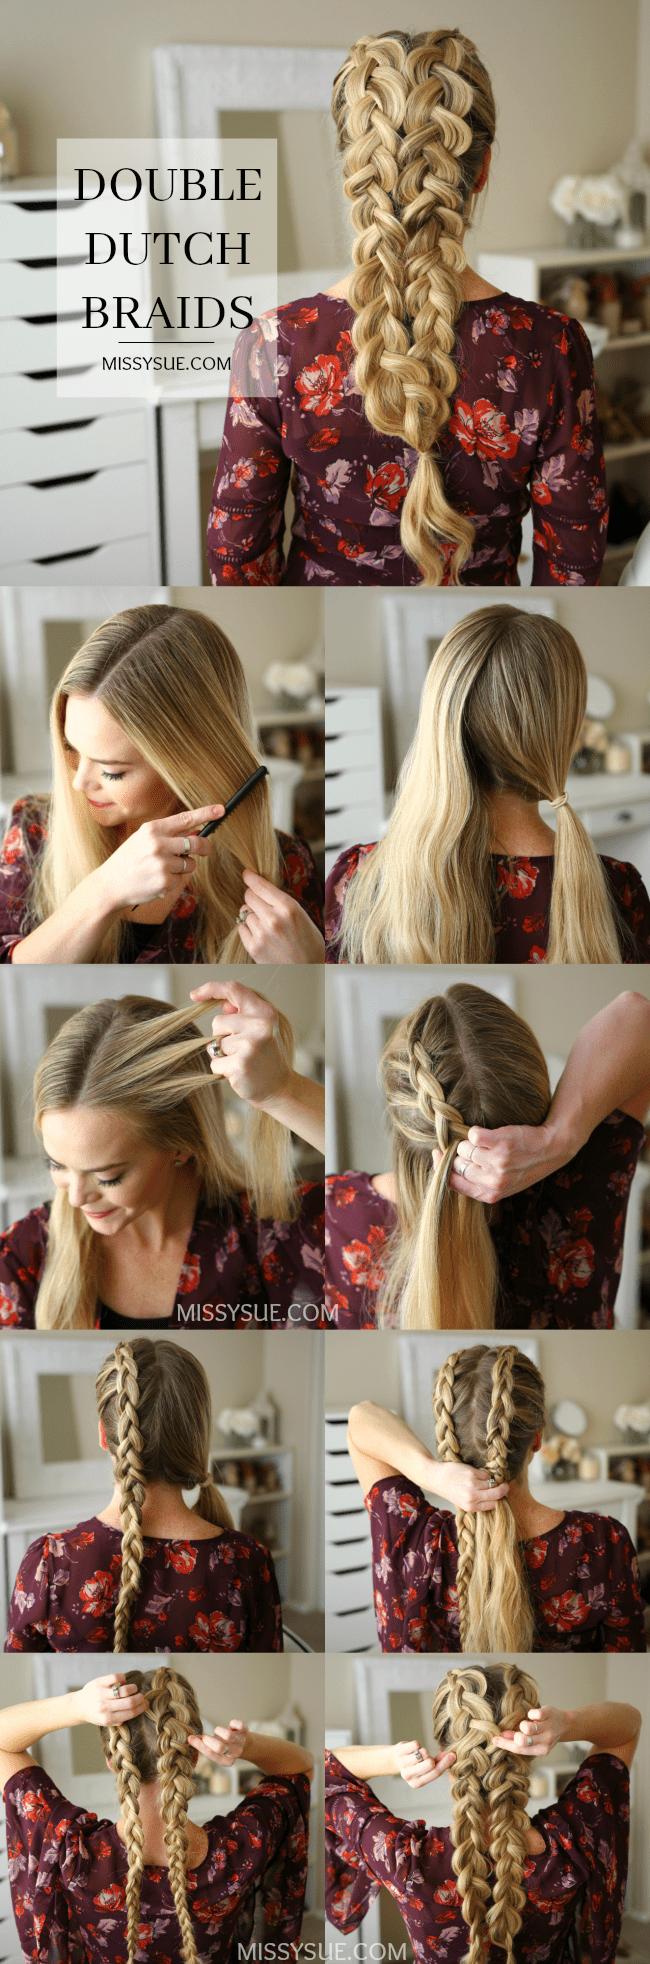 double-dutch-braids-hair-tutorial-2